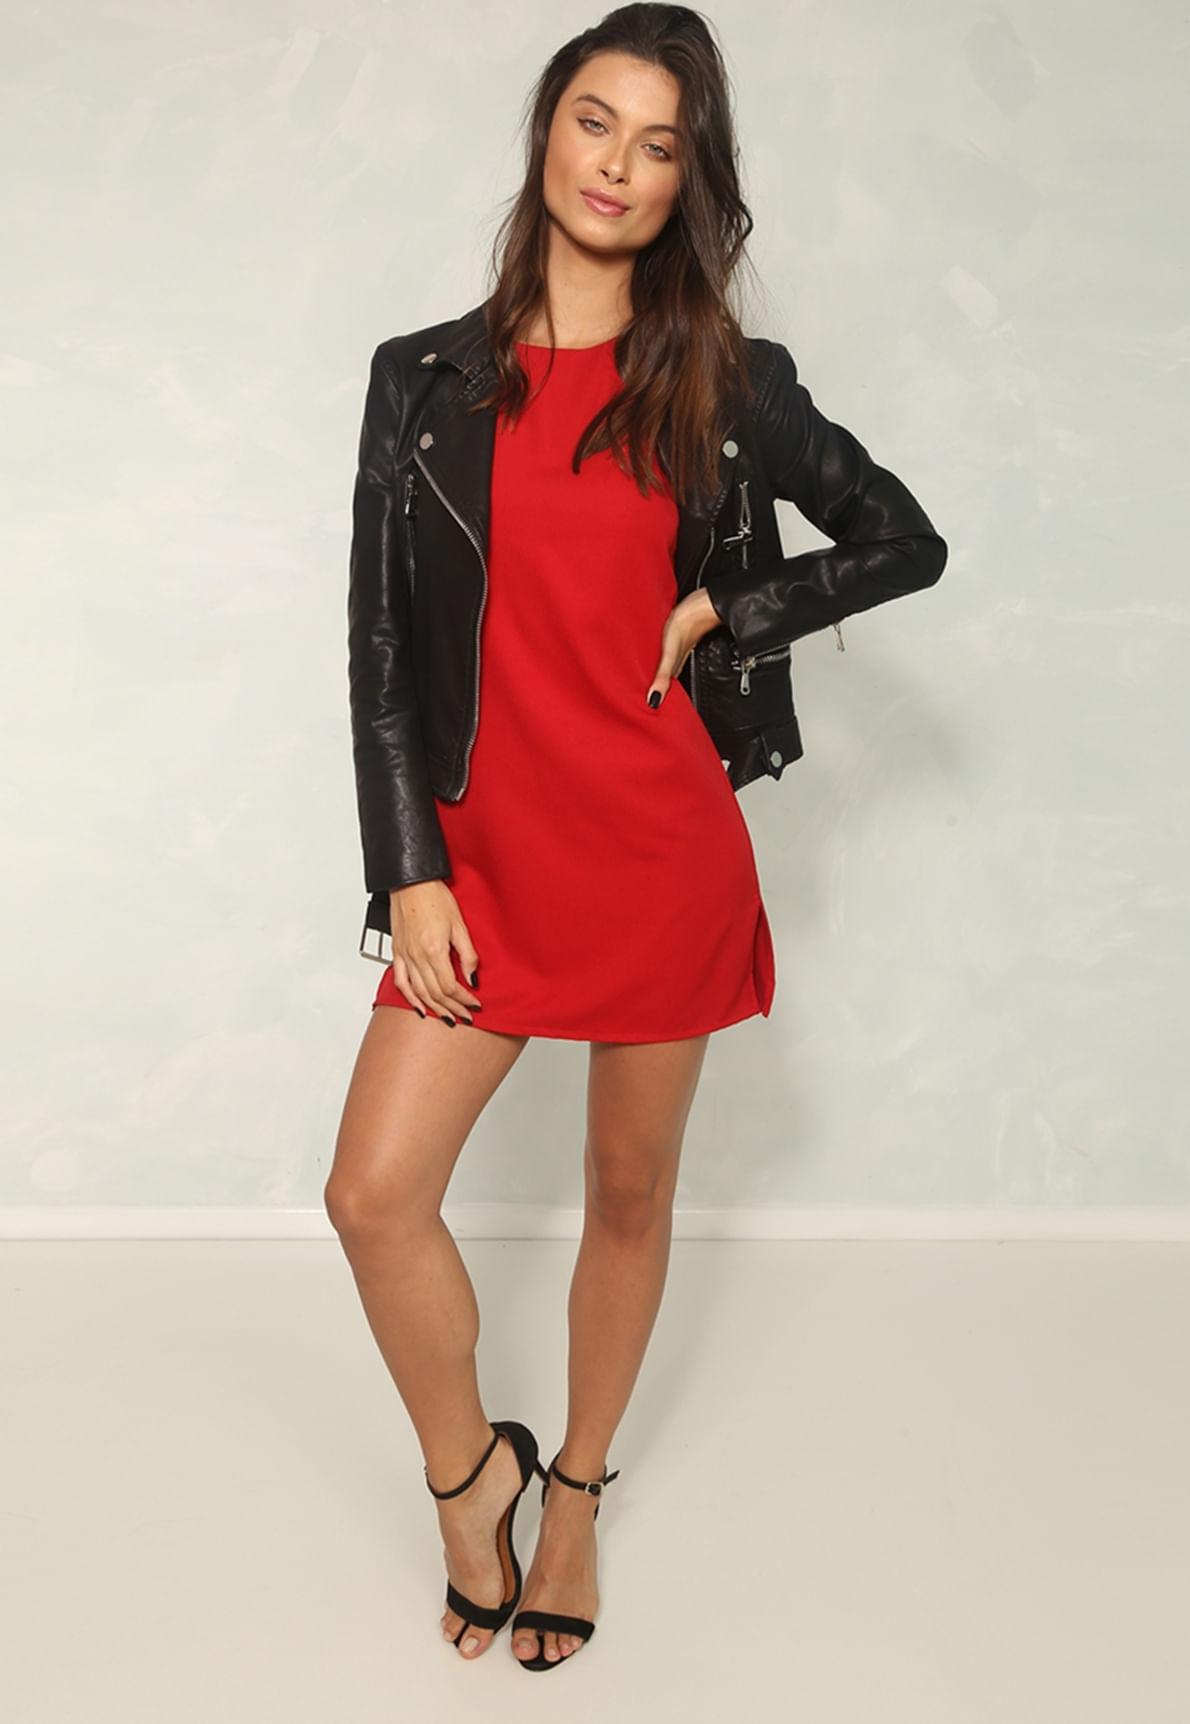 27249-vestido-vermelho-gabriela-mundo-lolita-01